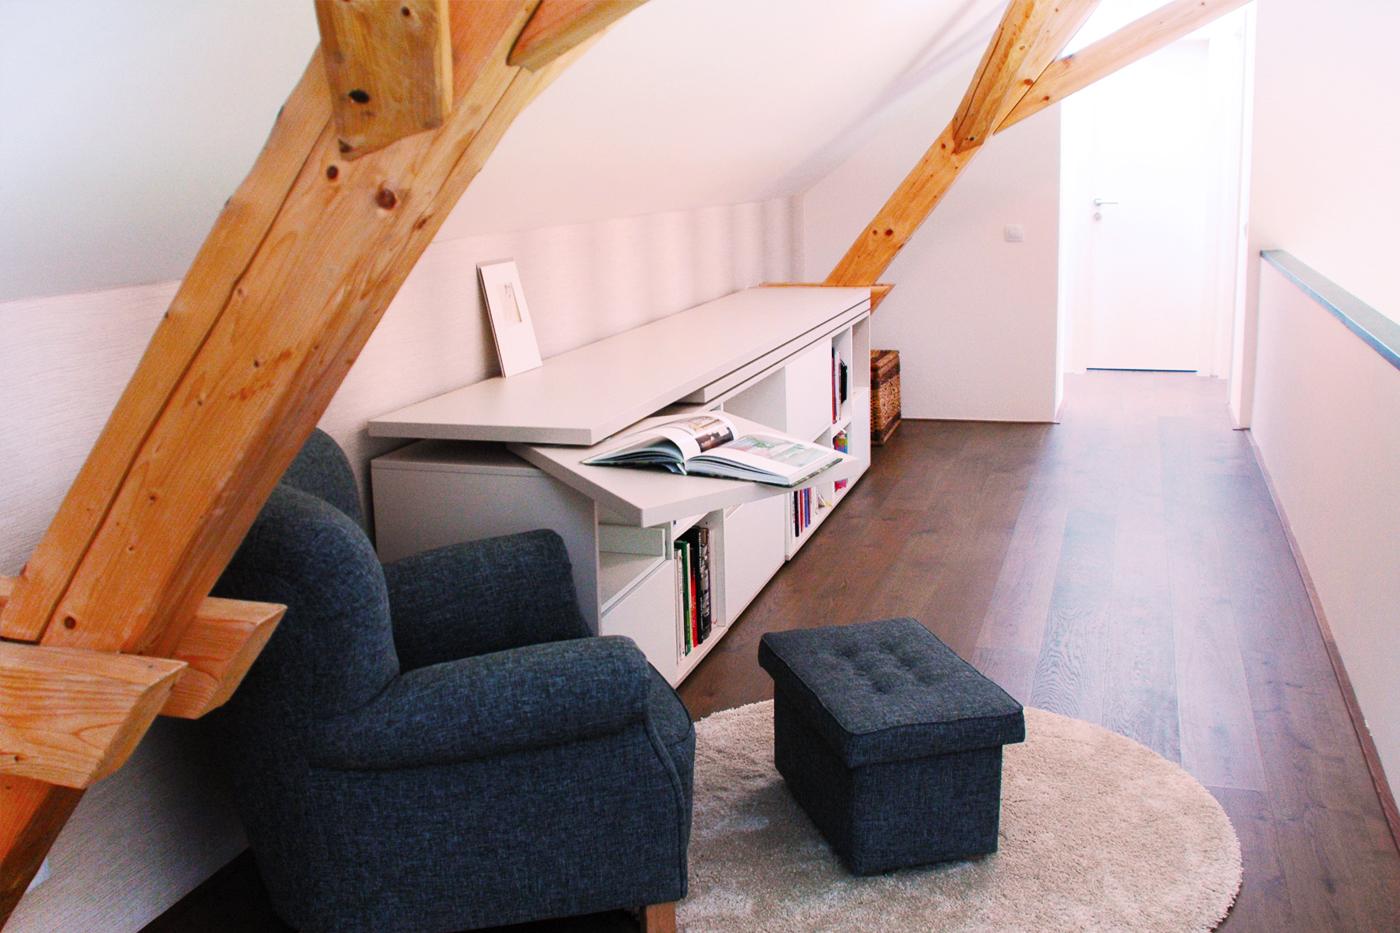 Doplnění galerie v druhém patře domu o pracovně-čtecí koutek. Ten tvoří velká komoda a renovovaný ušák. Komoda na míru a má otočný stolík, a výsuvnou polici pro tiskárnu.